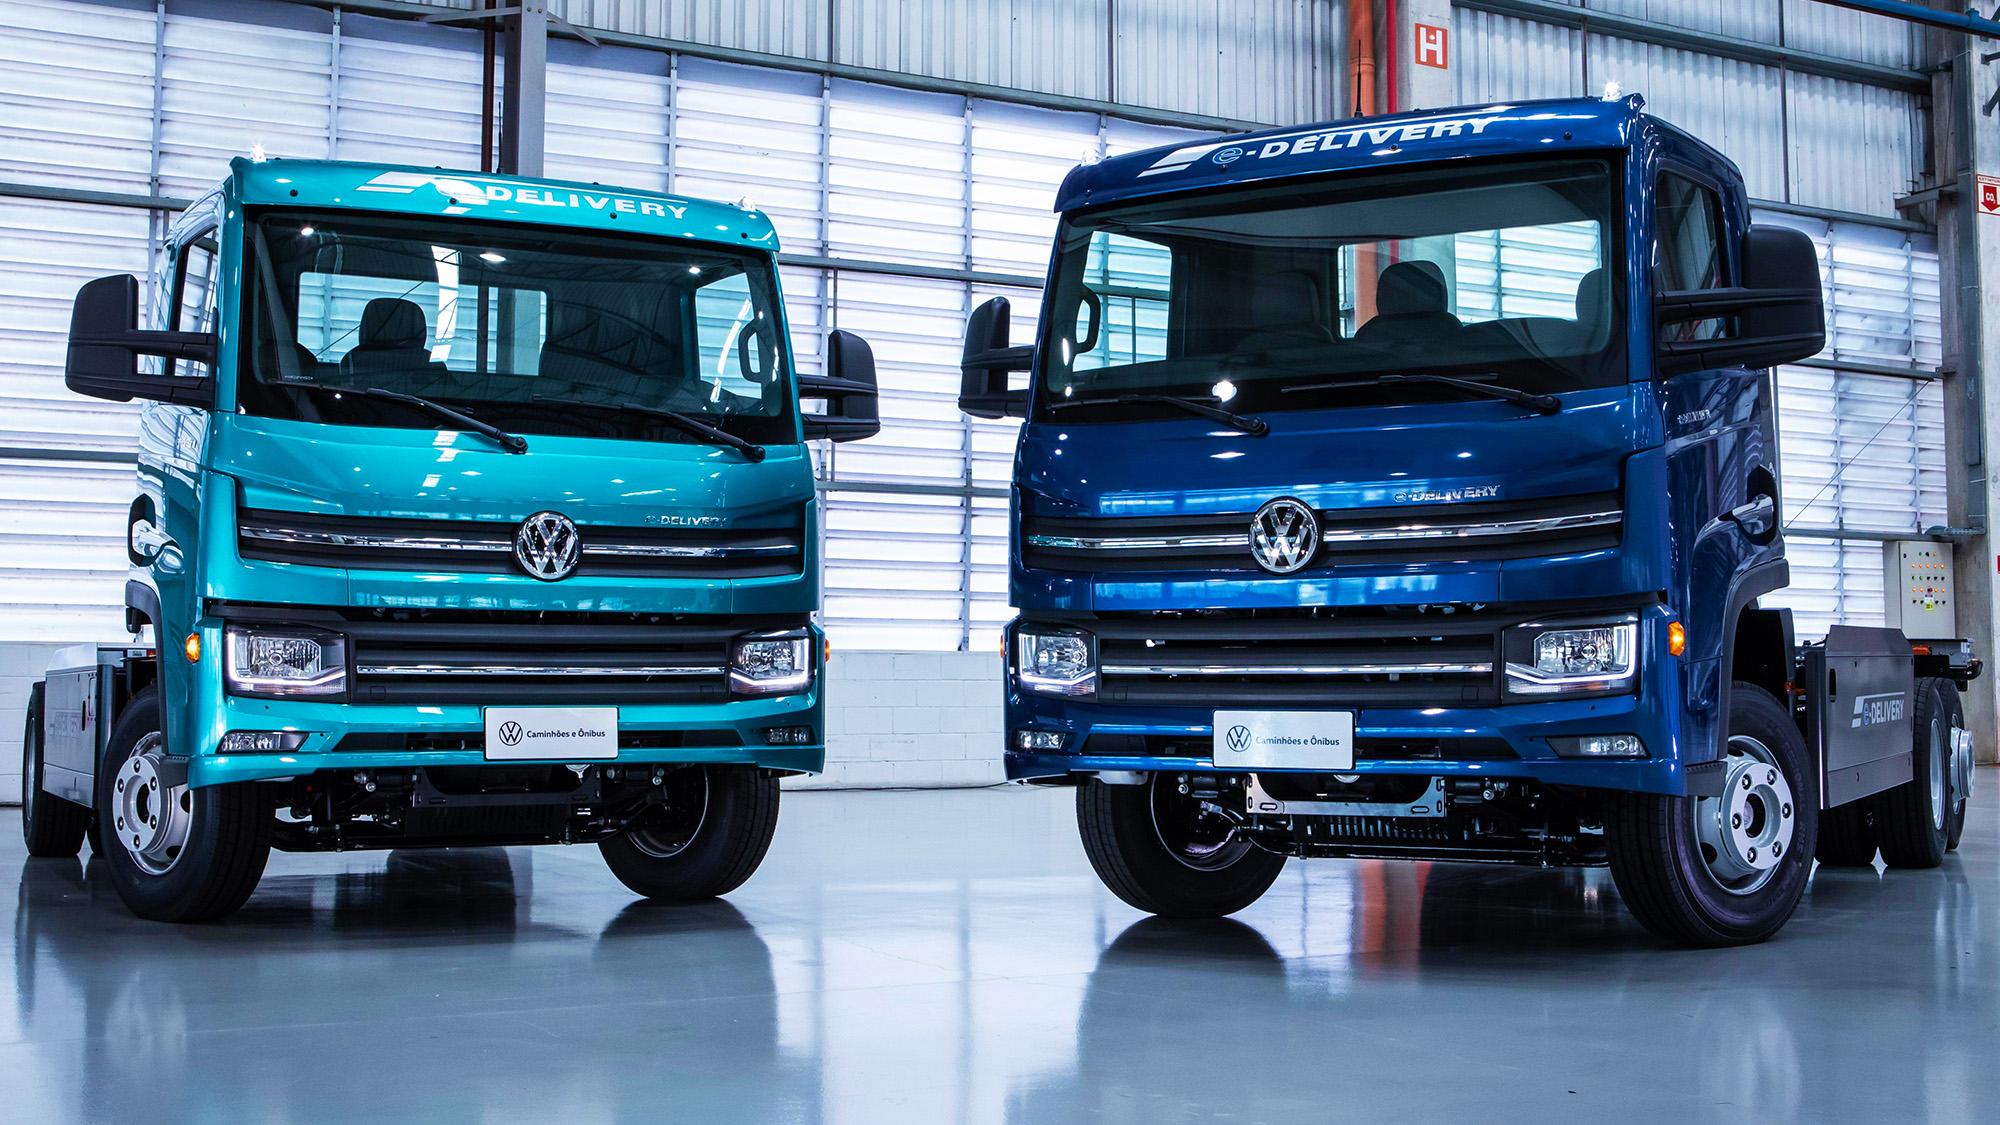 e-Delivery 11 (esquerda) e e-Delivery 14 prometem revolução silenciosa